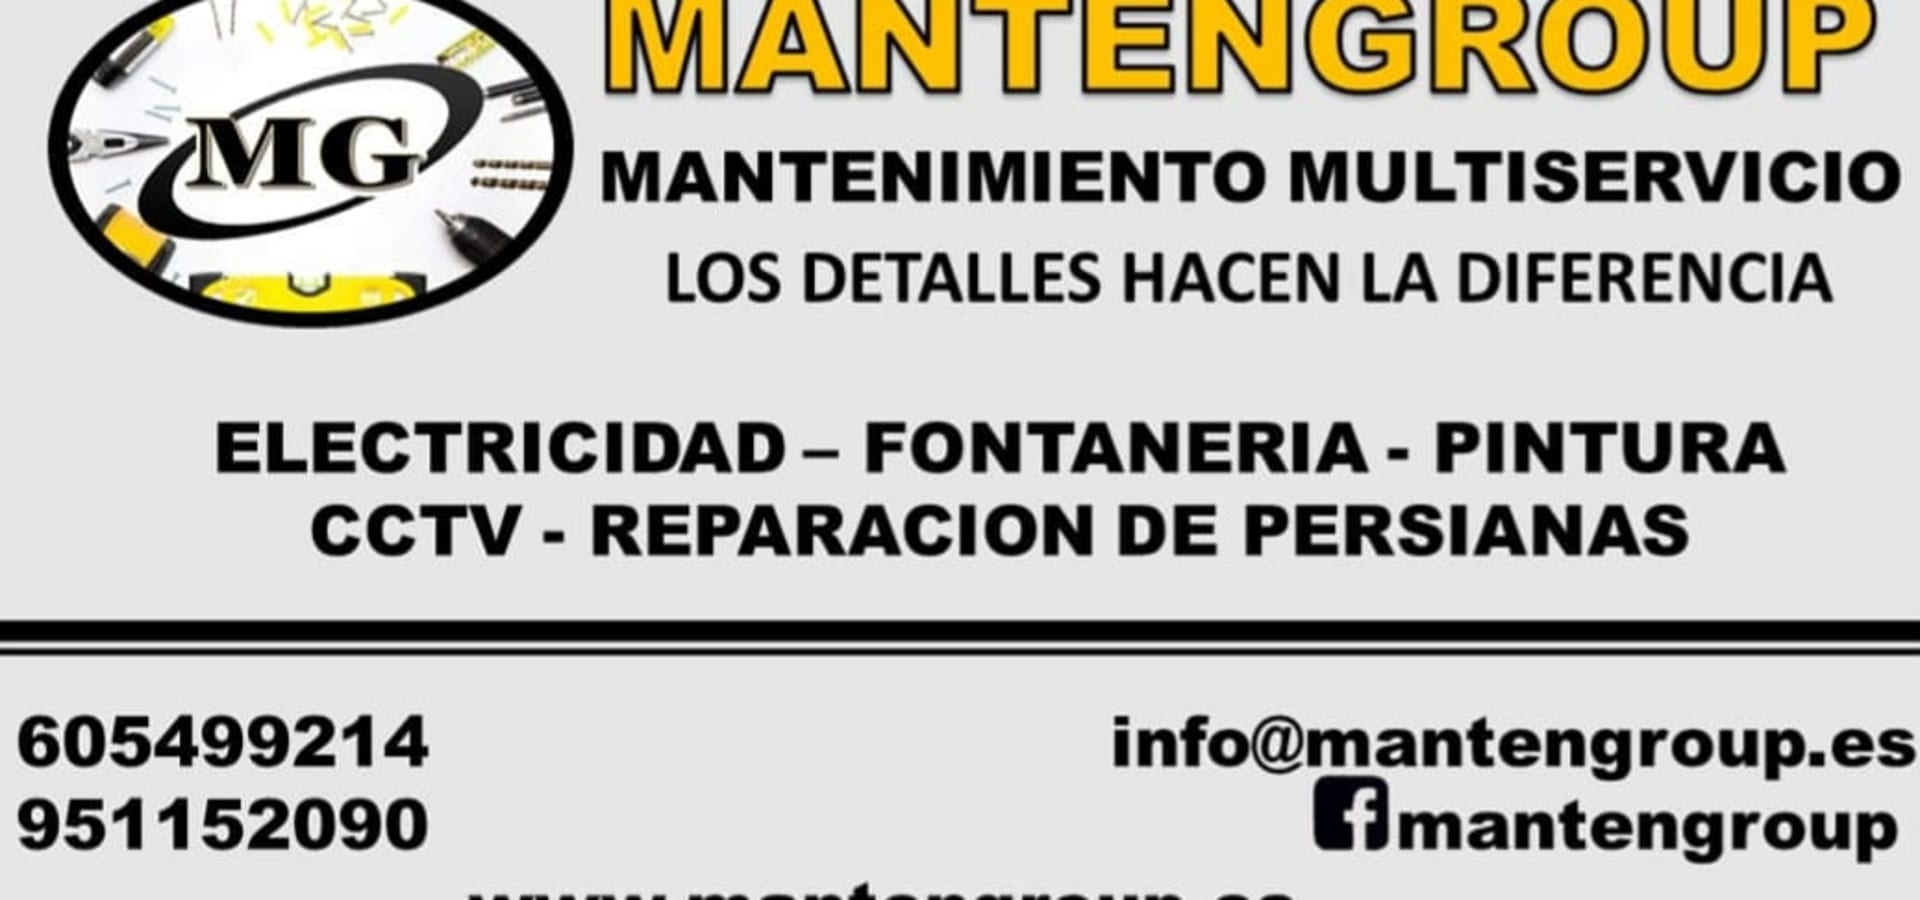 Mantengroup Malaga